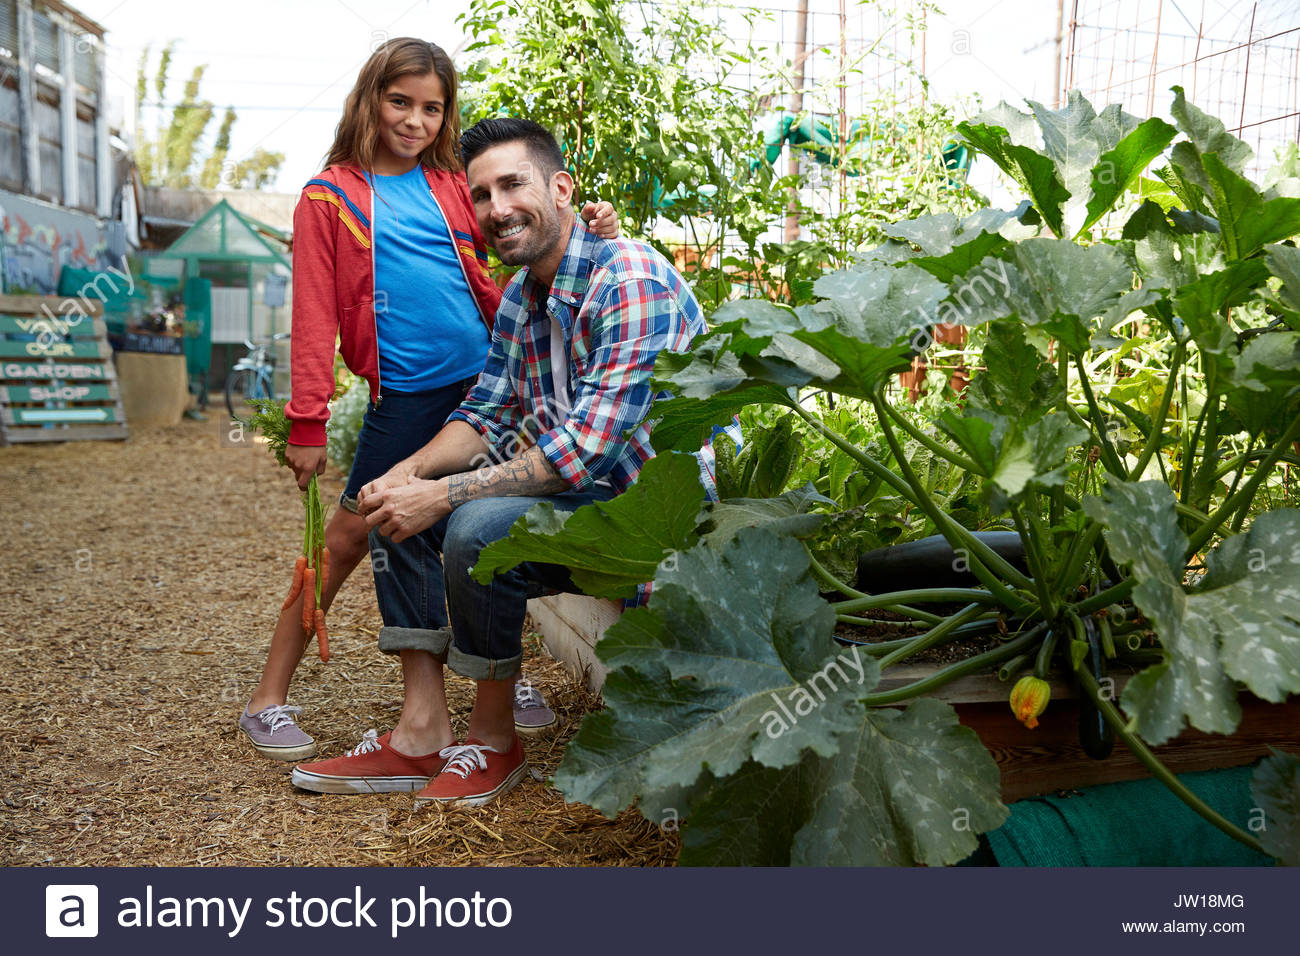 Portrait lächelnd Vater und Tochter im Garten Stockbild